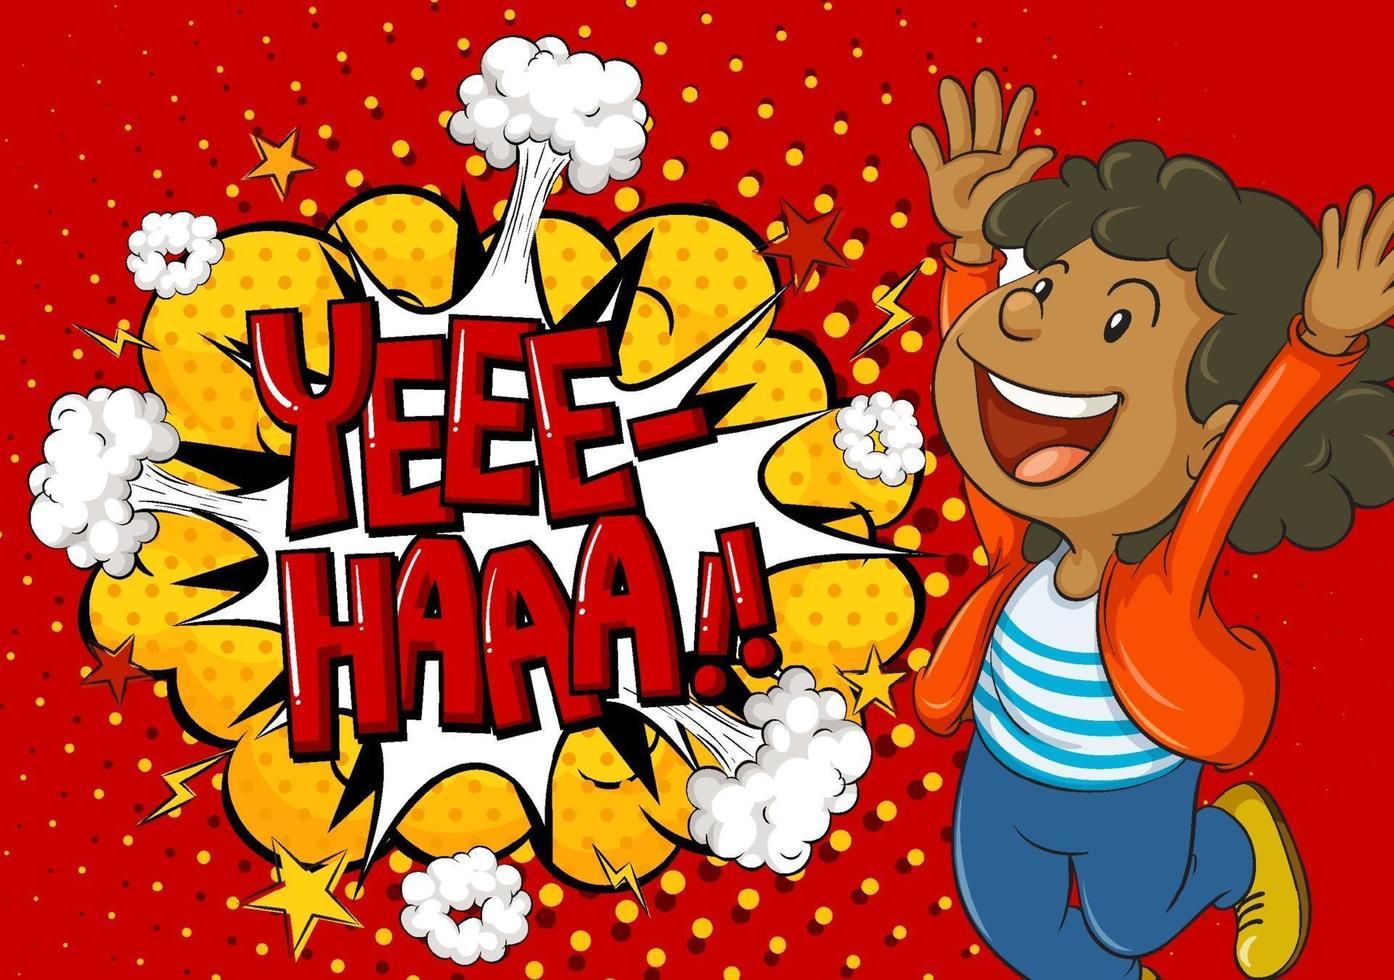 yeee haa palabra sobre fondo de explosión con personaje de dibujos animados de niño vector